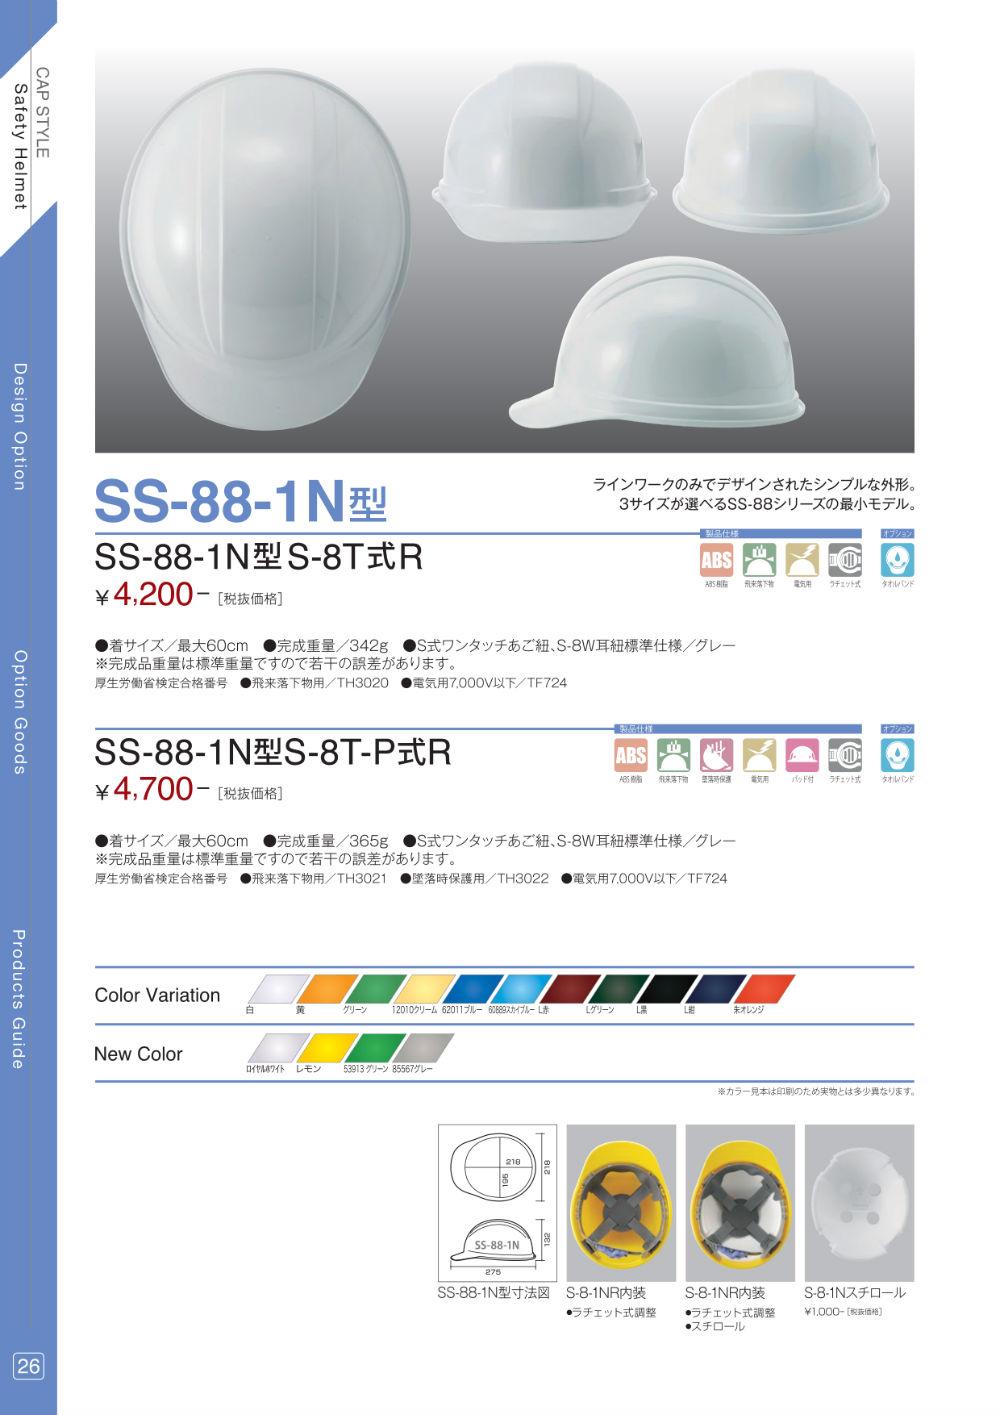 安全ヘルメット 作業用ヘルメット 保護帽 電気工事対応 進和化学工業 SS-88-1N S-8T-P式R